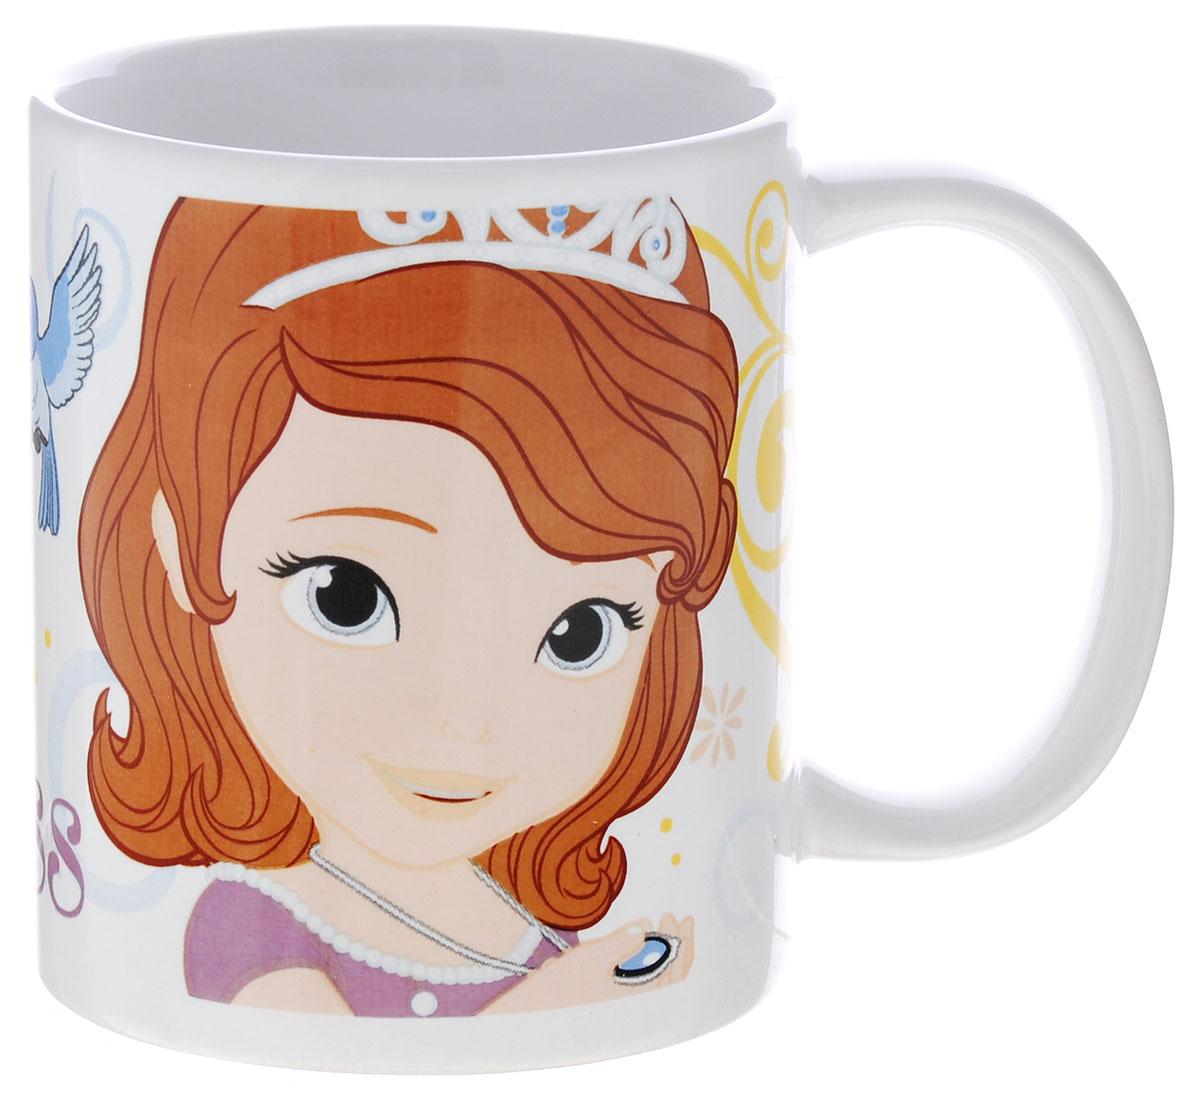 Stor Кружка детская Принцесса София Прекрасная 325 мл54 009312Детская кружка Stor Принцесса София Прекрасная из серии Stor Disney Princess с любимой героиней станет отличным подарком для вашей малышки. Она выполнена из керамики и оформлена изображением принцессы Софии. Кружка дополнена удобной ручкой. Такой подарок станет не только приятным, но и практичным сувениром: кружка будет незаменимым атрибутом чаепития, а оригинальное оформление кружки добавит ярких эмоций и хорошего настроения.Можно использовать в СВЧ-печи и посудомоечной машине.